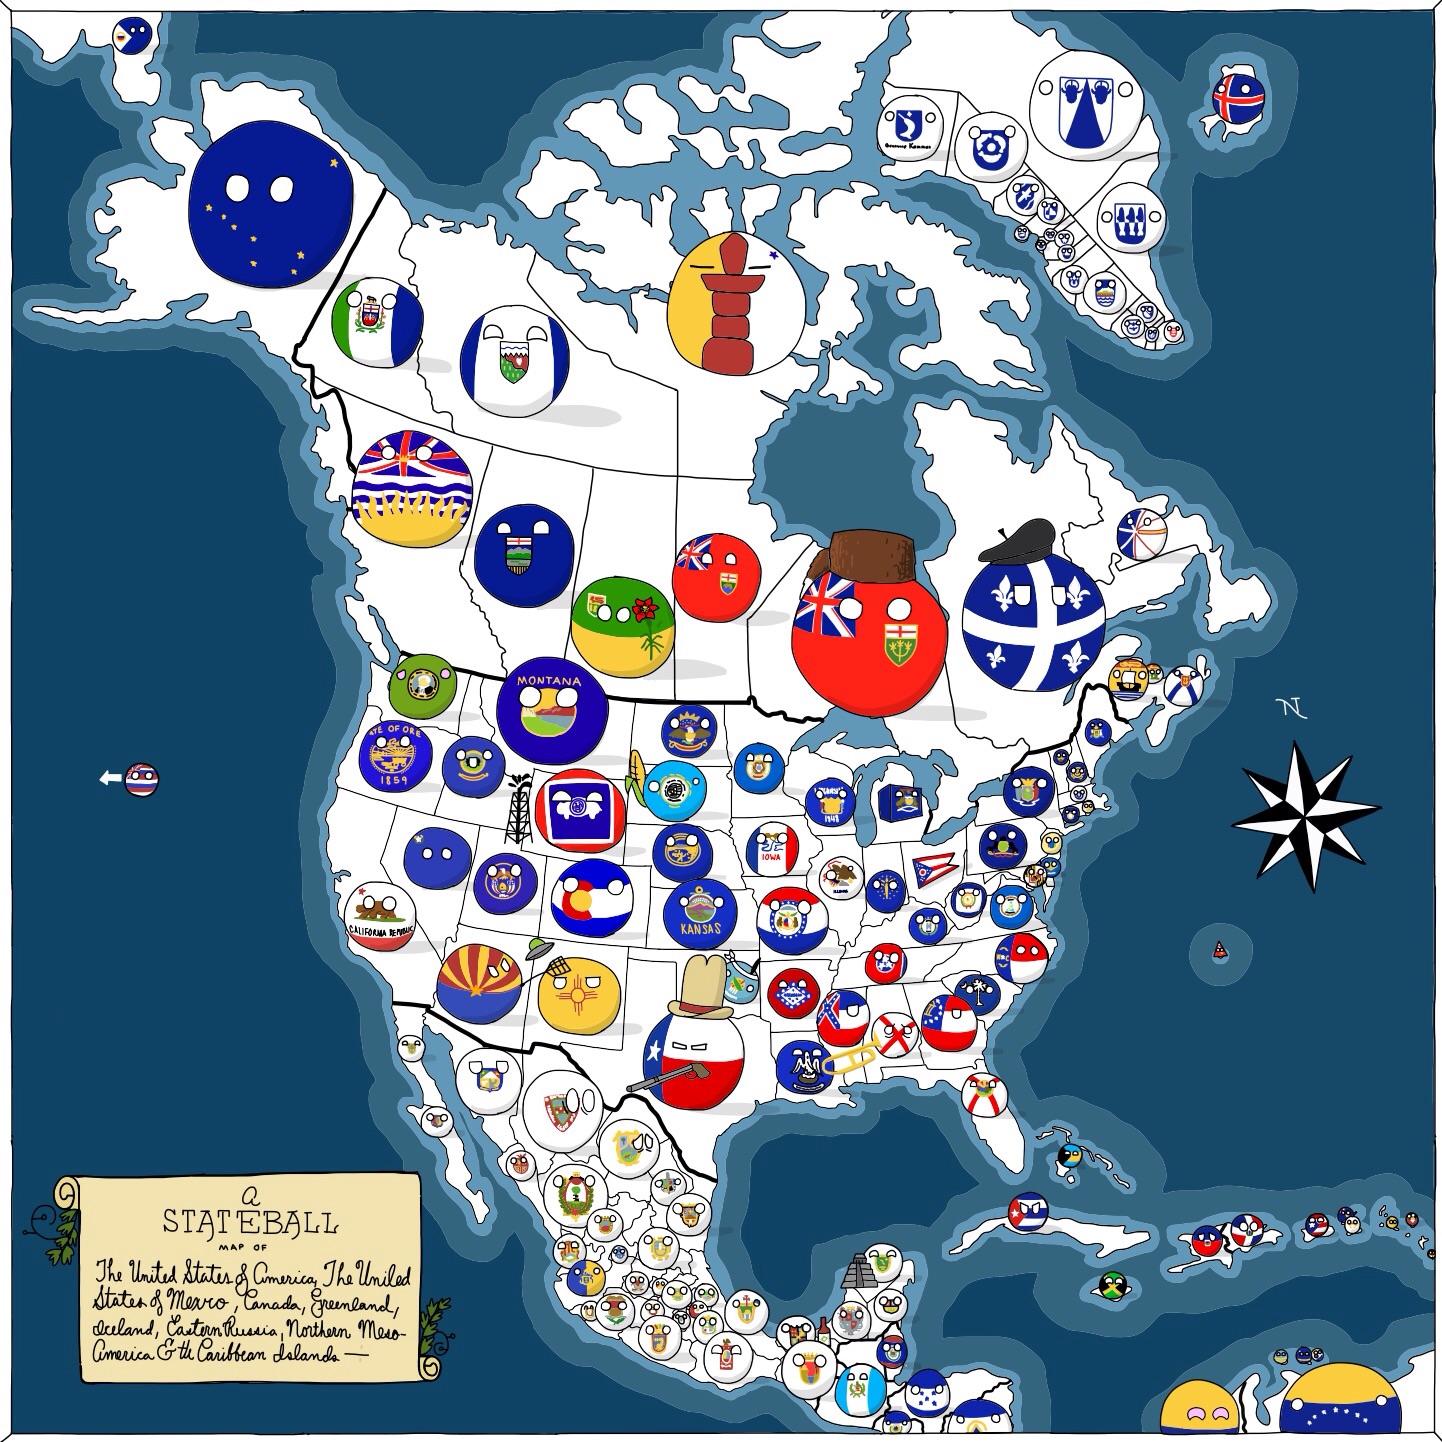 Image xfw7fa4g polandball wiki fandom powered by wikia xfw7fa4g gumiabroncs Choice Image